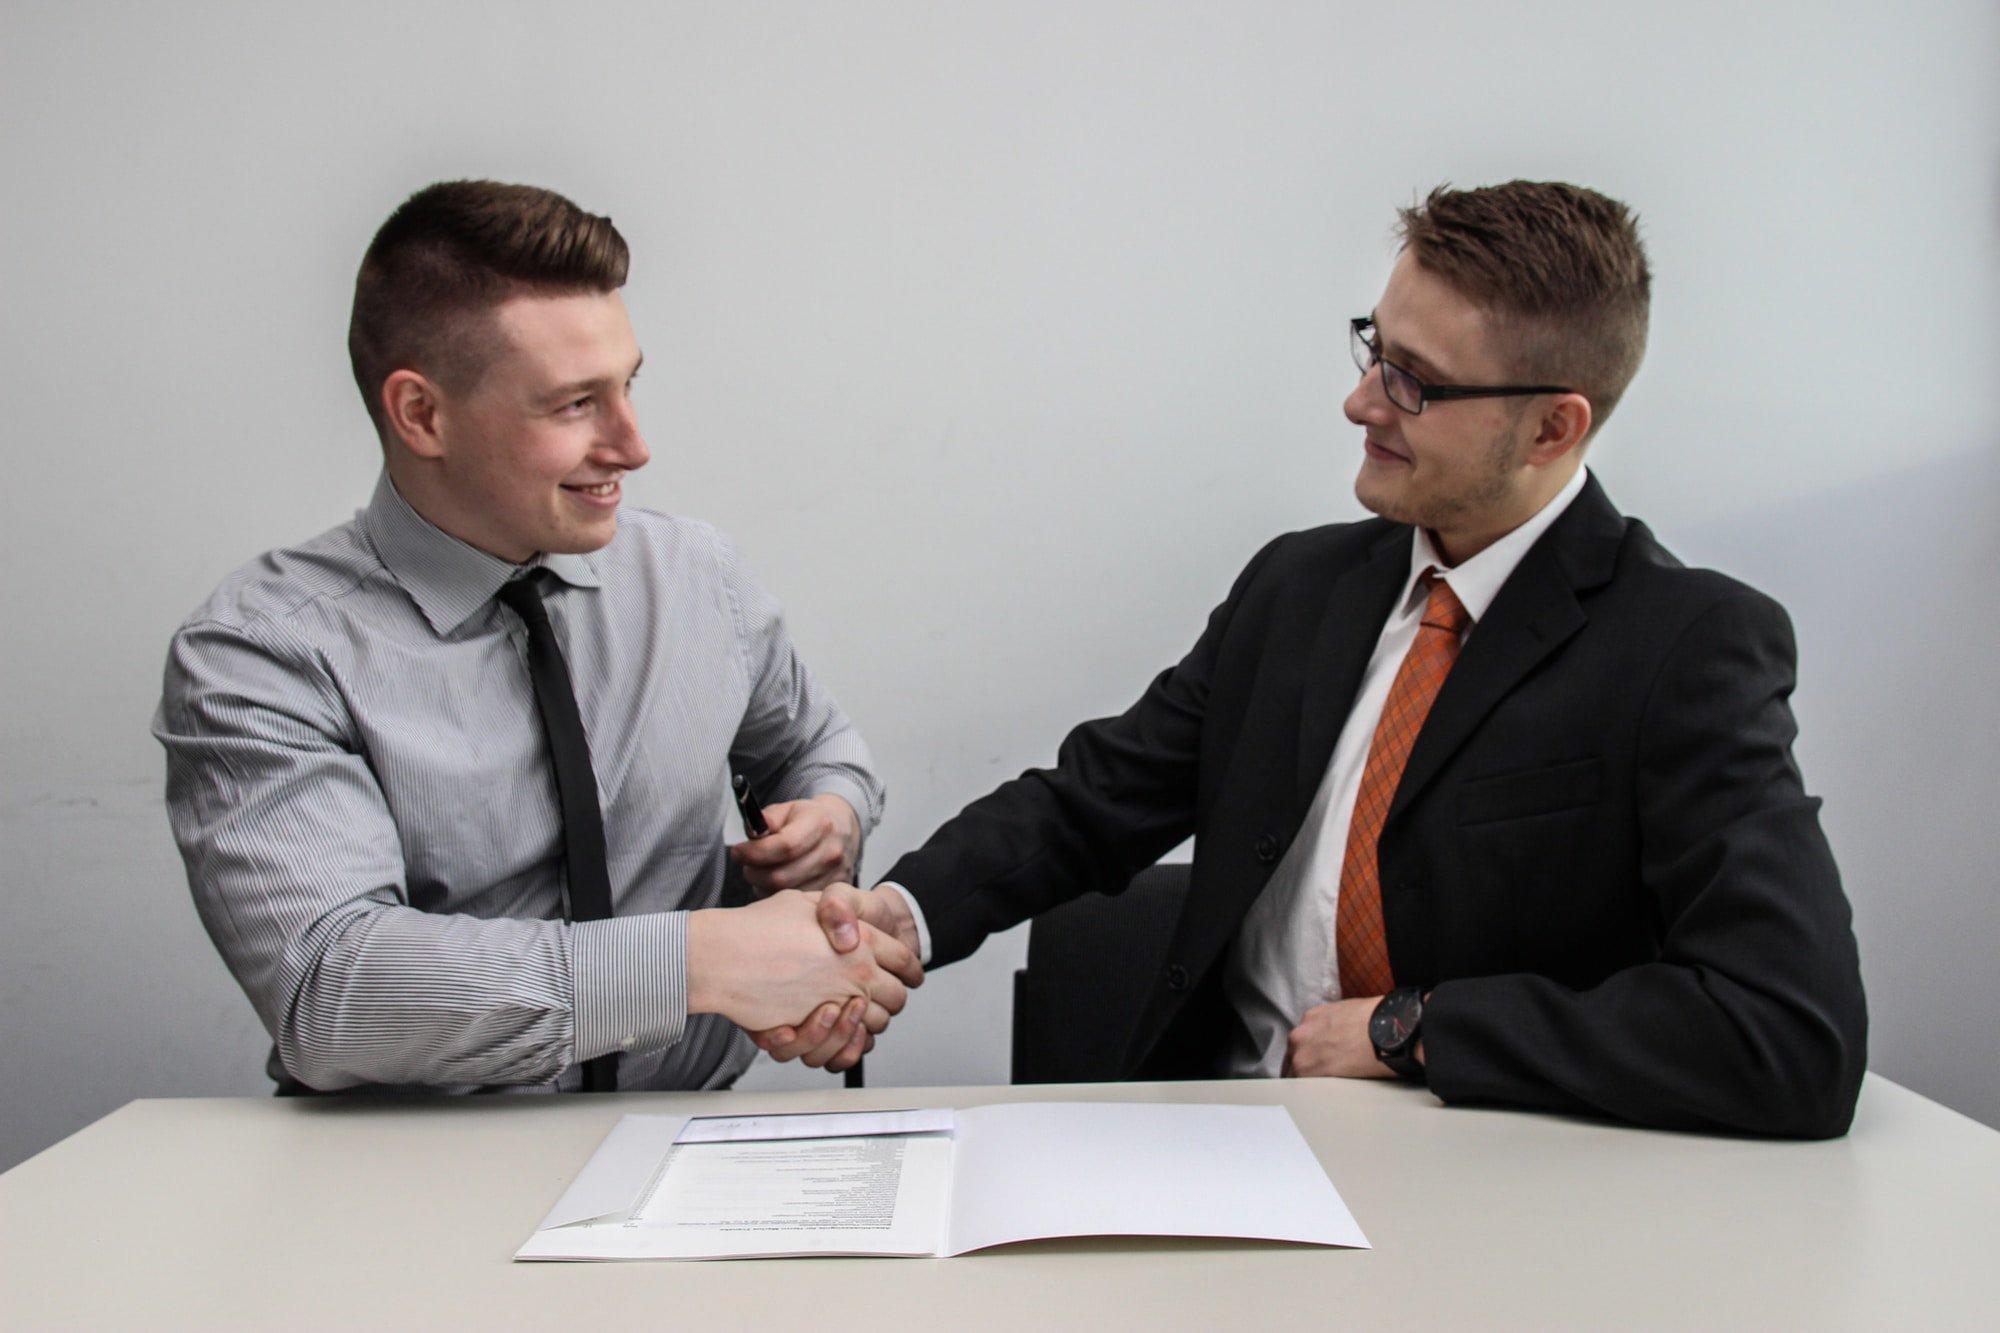 Sales Recruitment Essentials